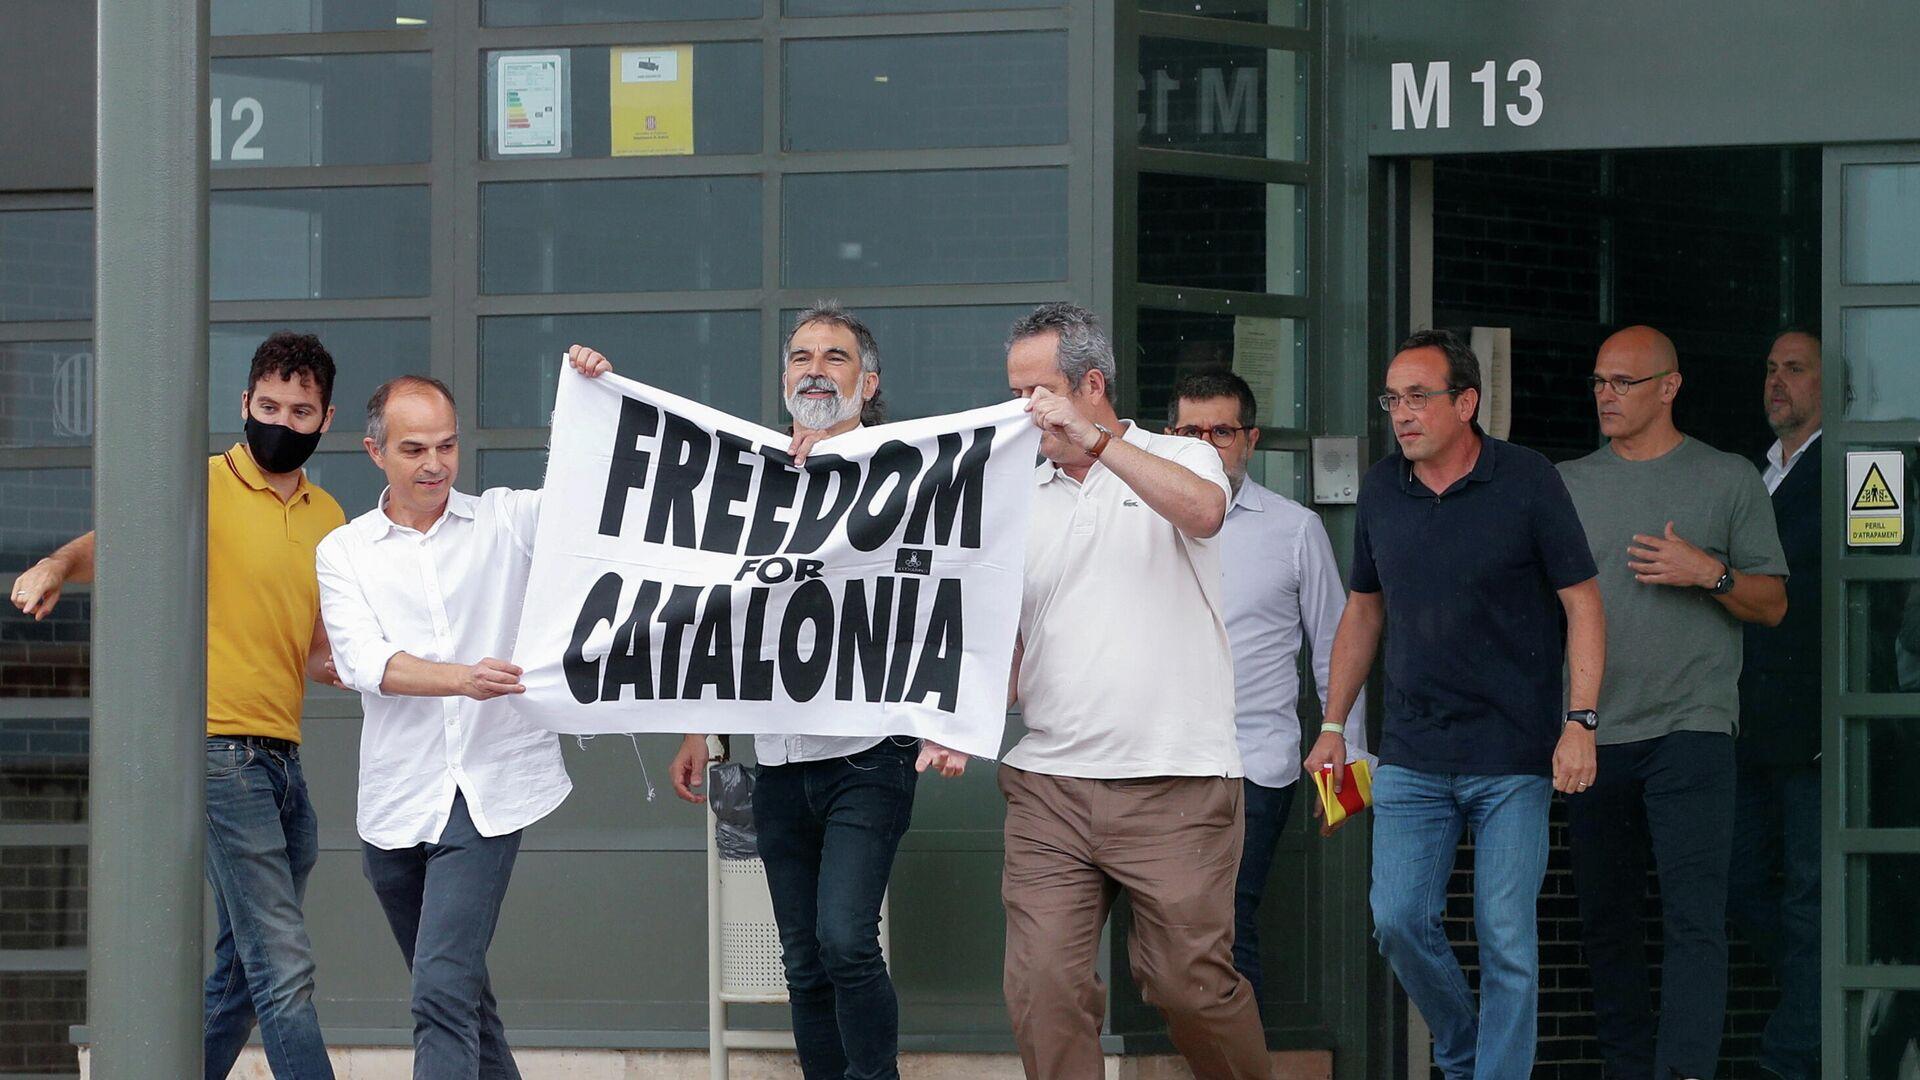 Los independentistas catalanes indultados - Sputnik Mundo, 1920, 06.07.2021